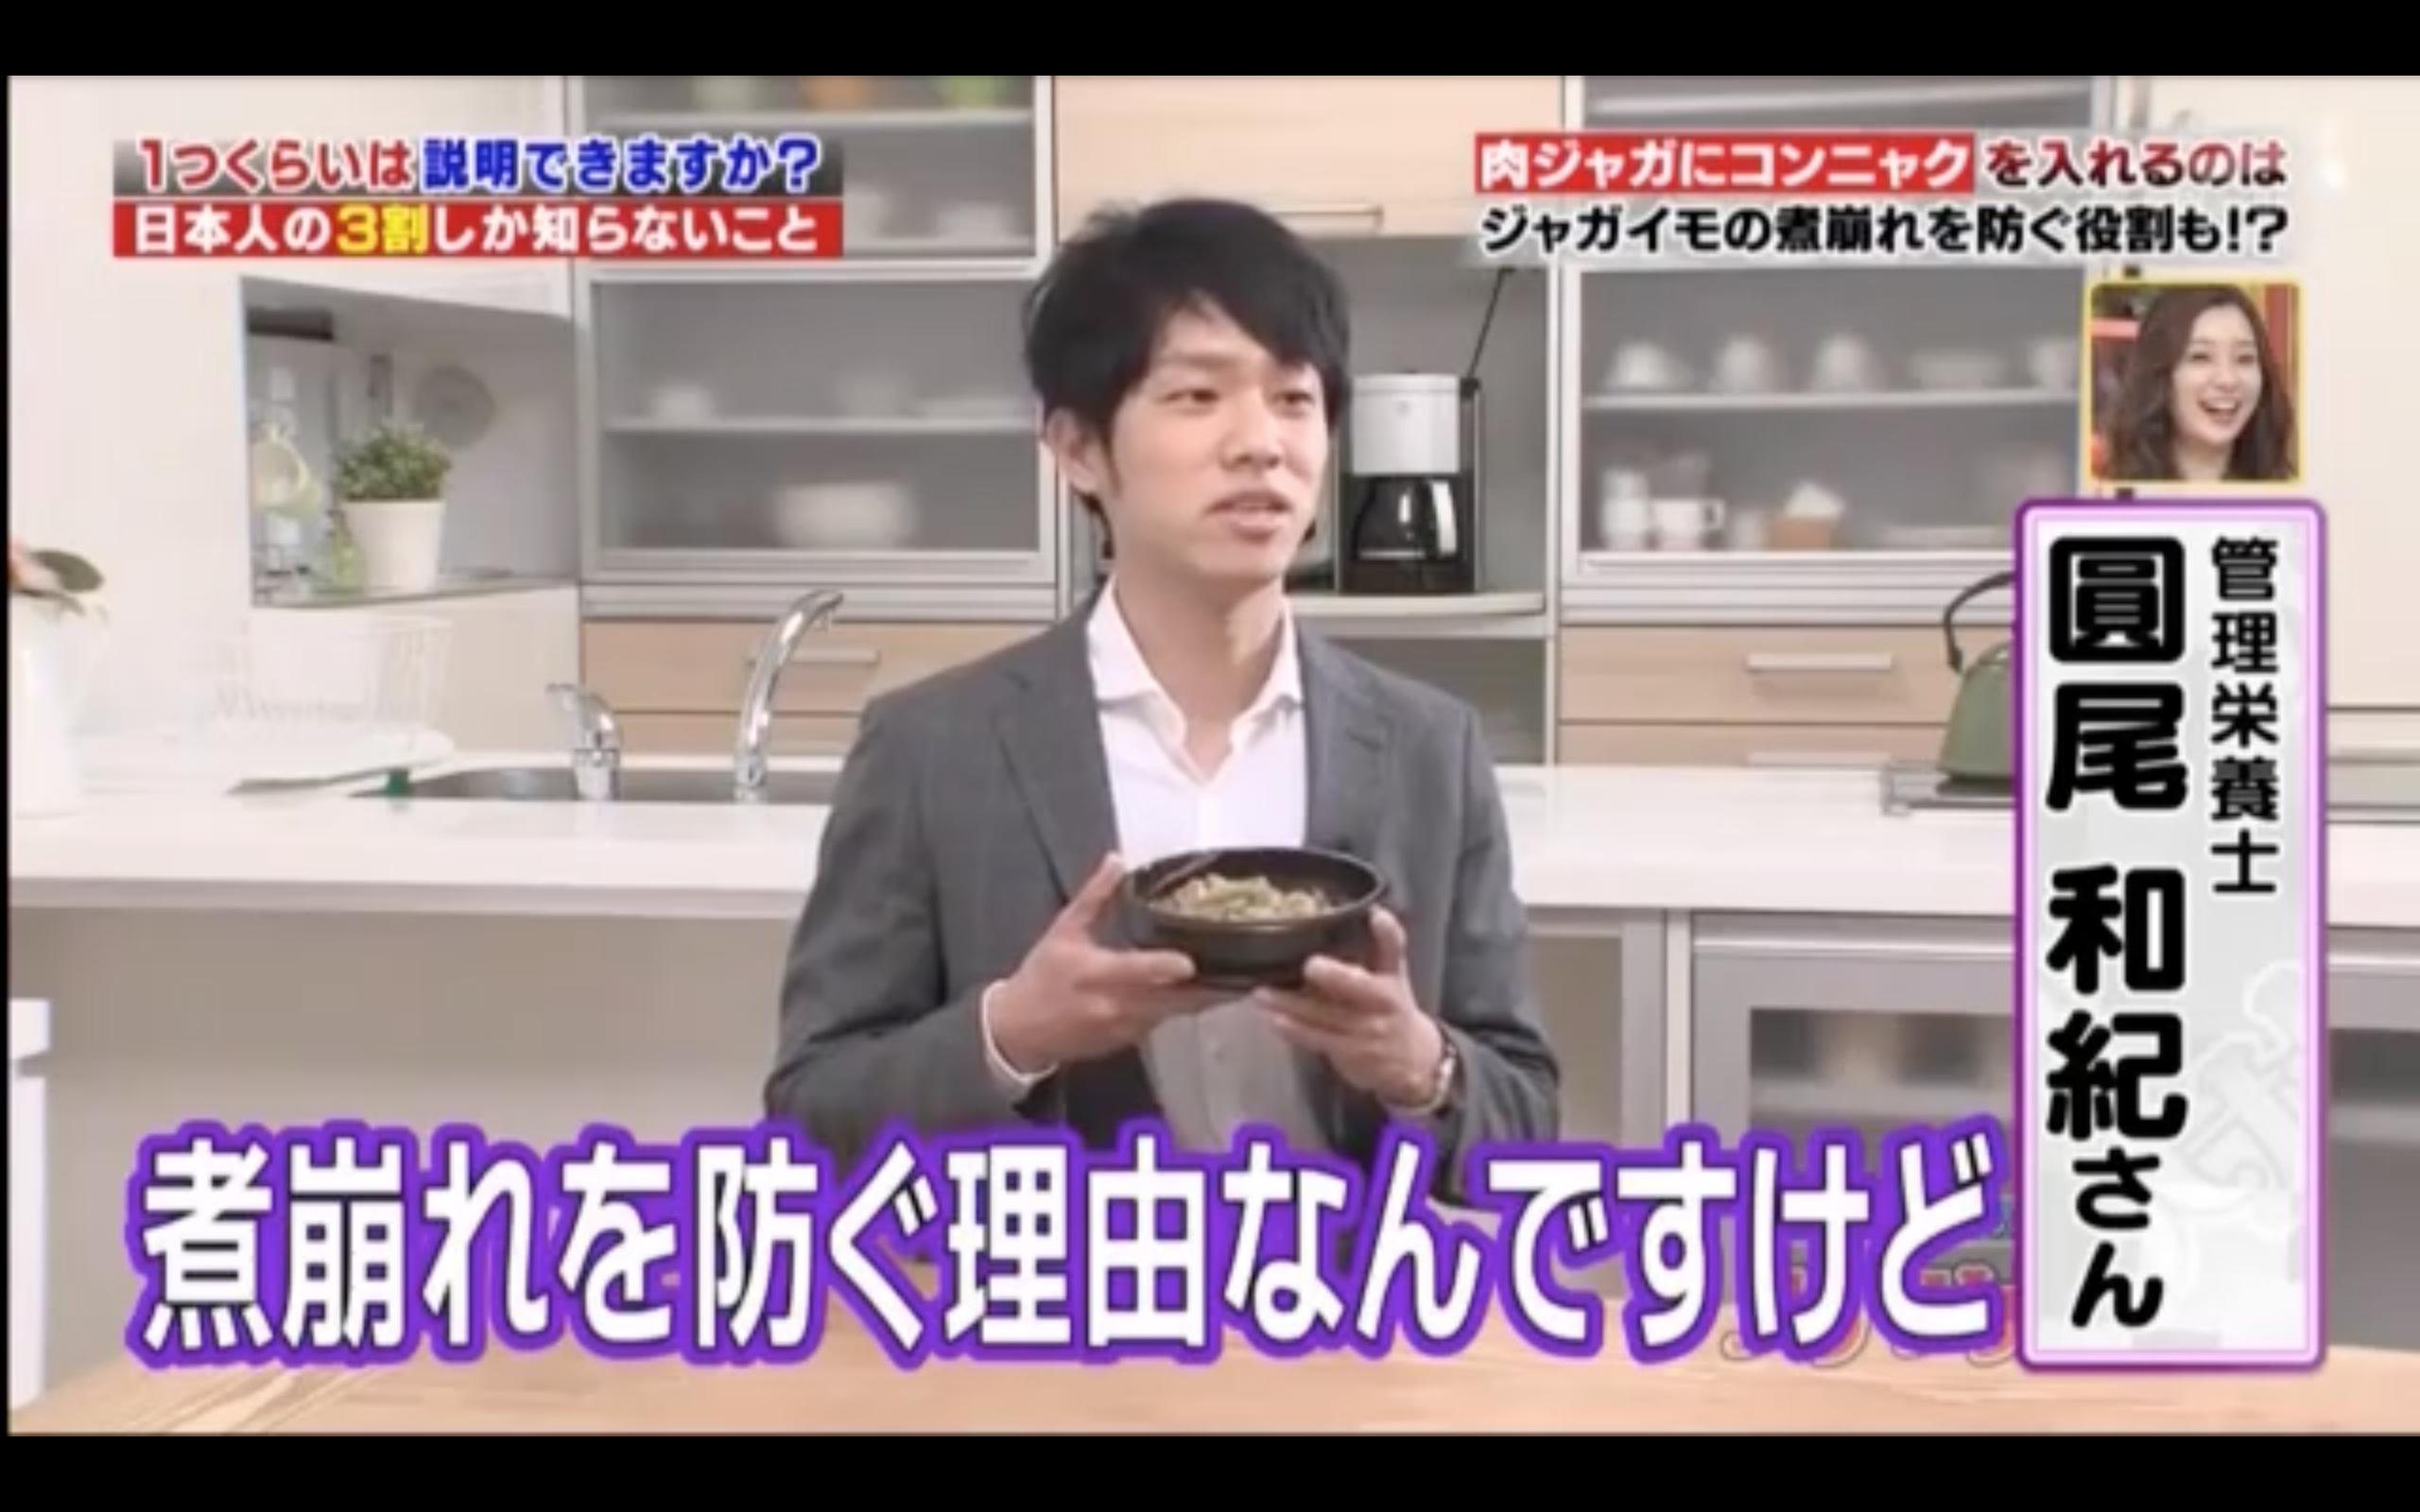 テレビ朝日「ハナタカ優越館」に二週連続で出演しました!